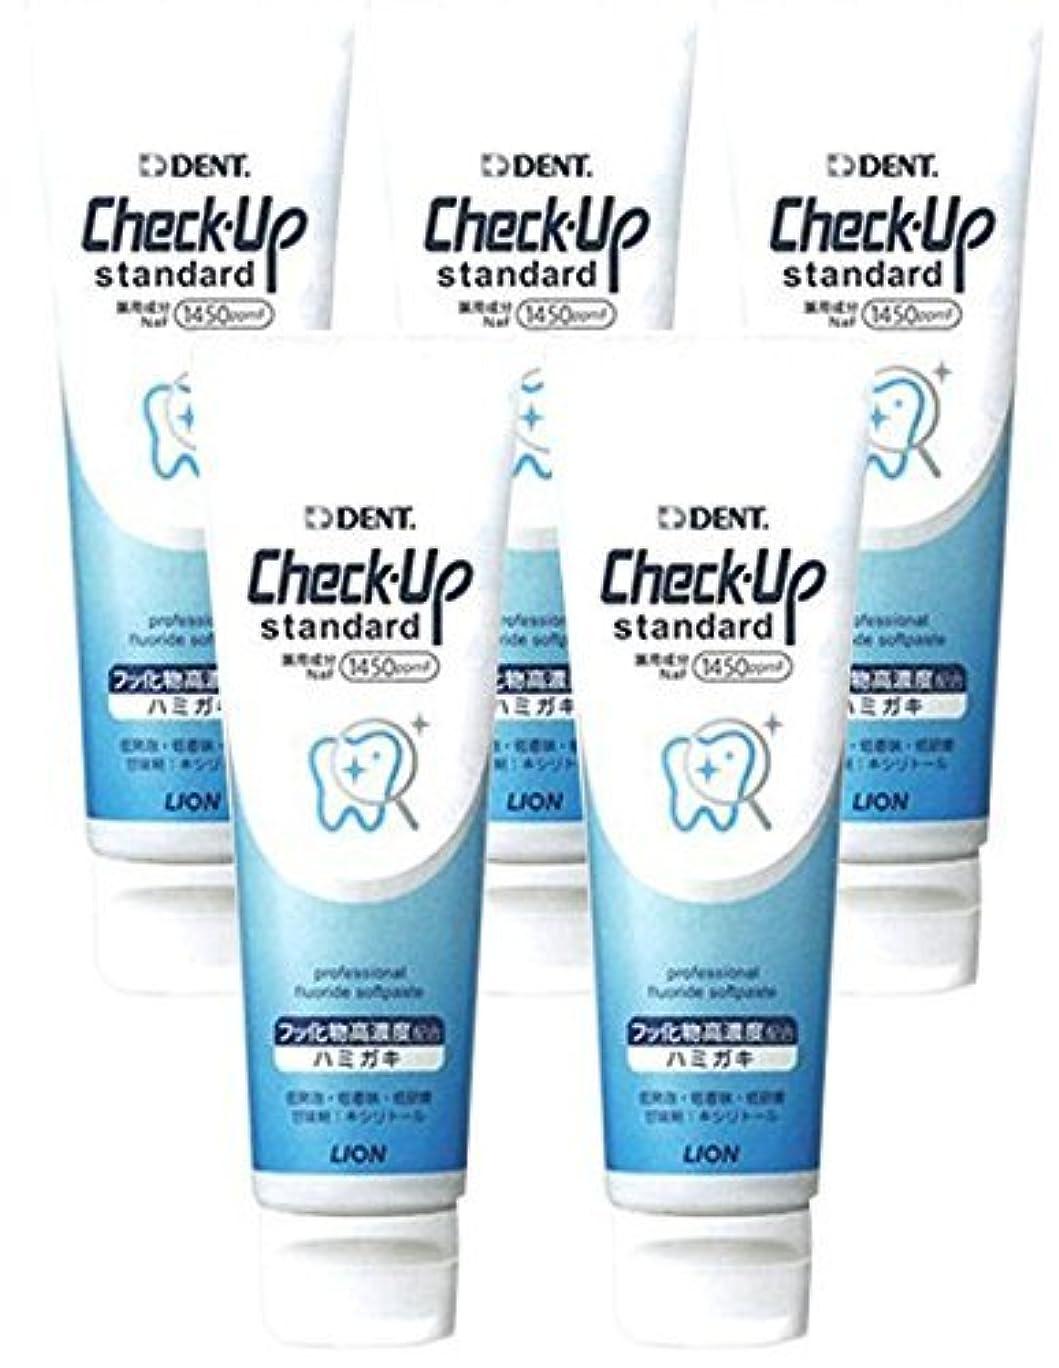 頑固な高いチャーミングライオン デントチェックアップスタンダード 135g × 5本(DENT.Check-Upstandard) フッ素1450ppm むし歯予防 歯磨き粉 歯科専用